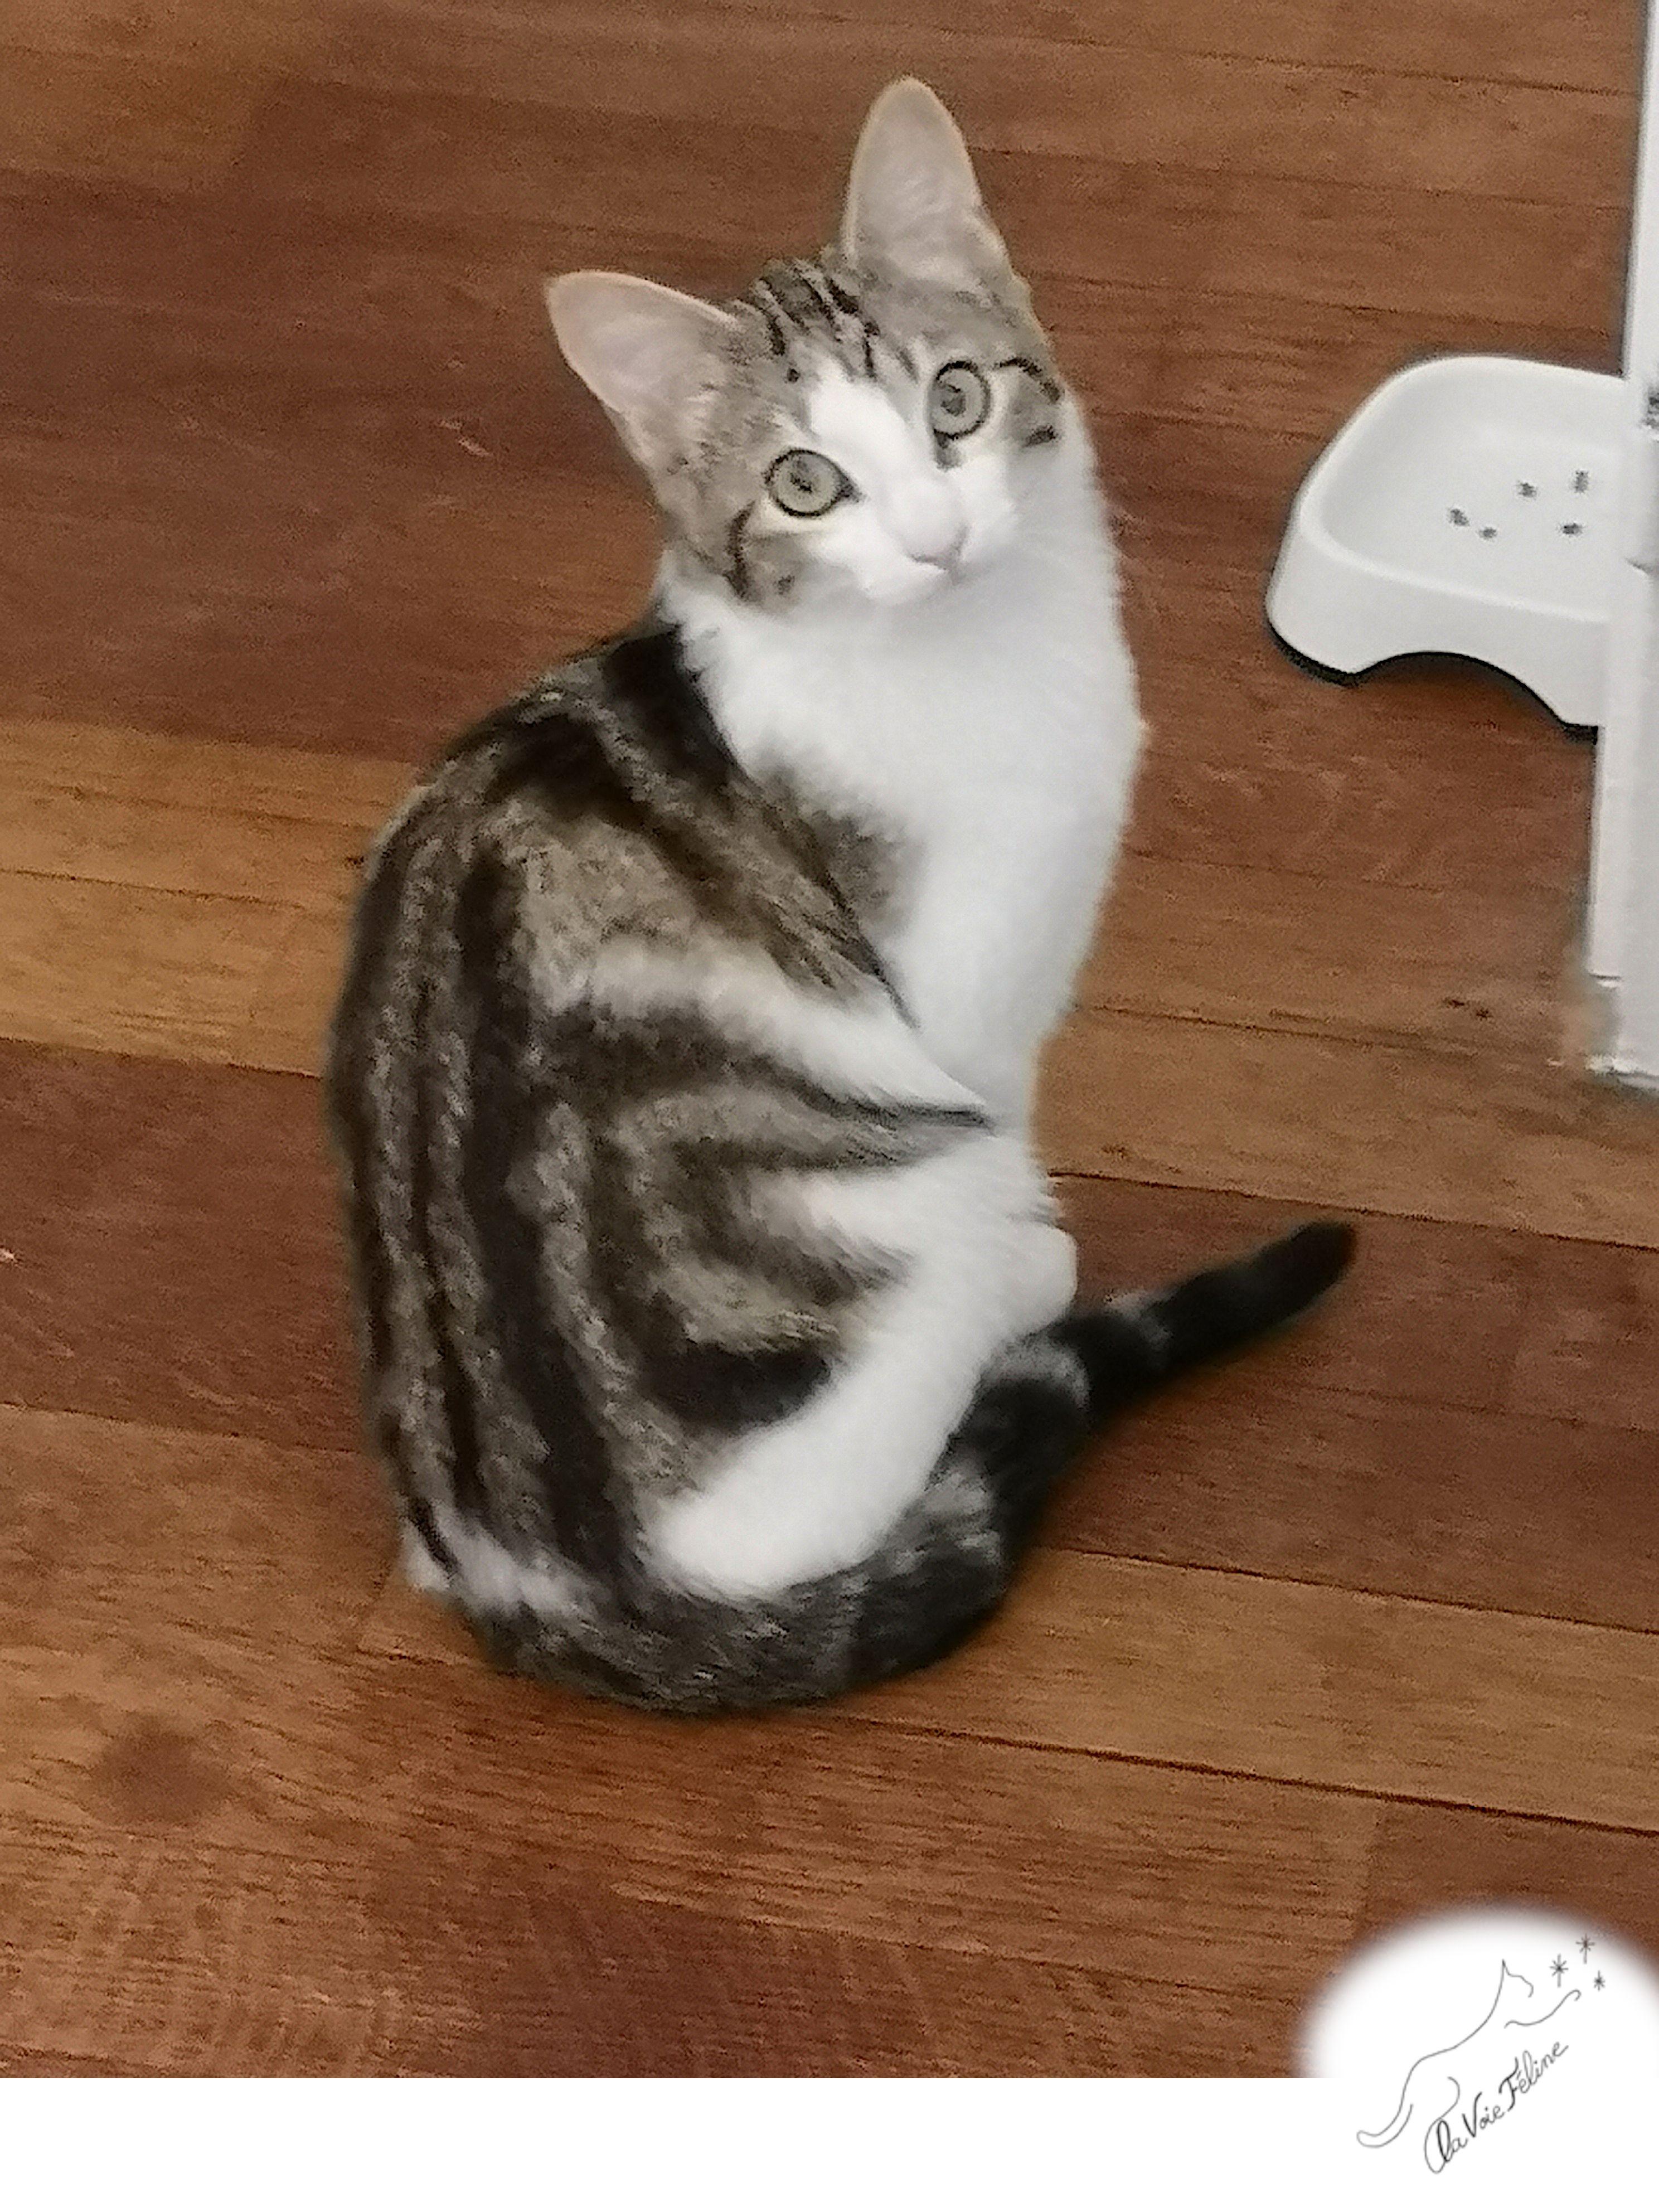 Alphonse - Adopter un chat – Ile de France